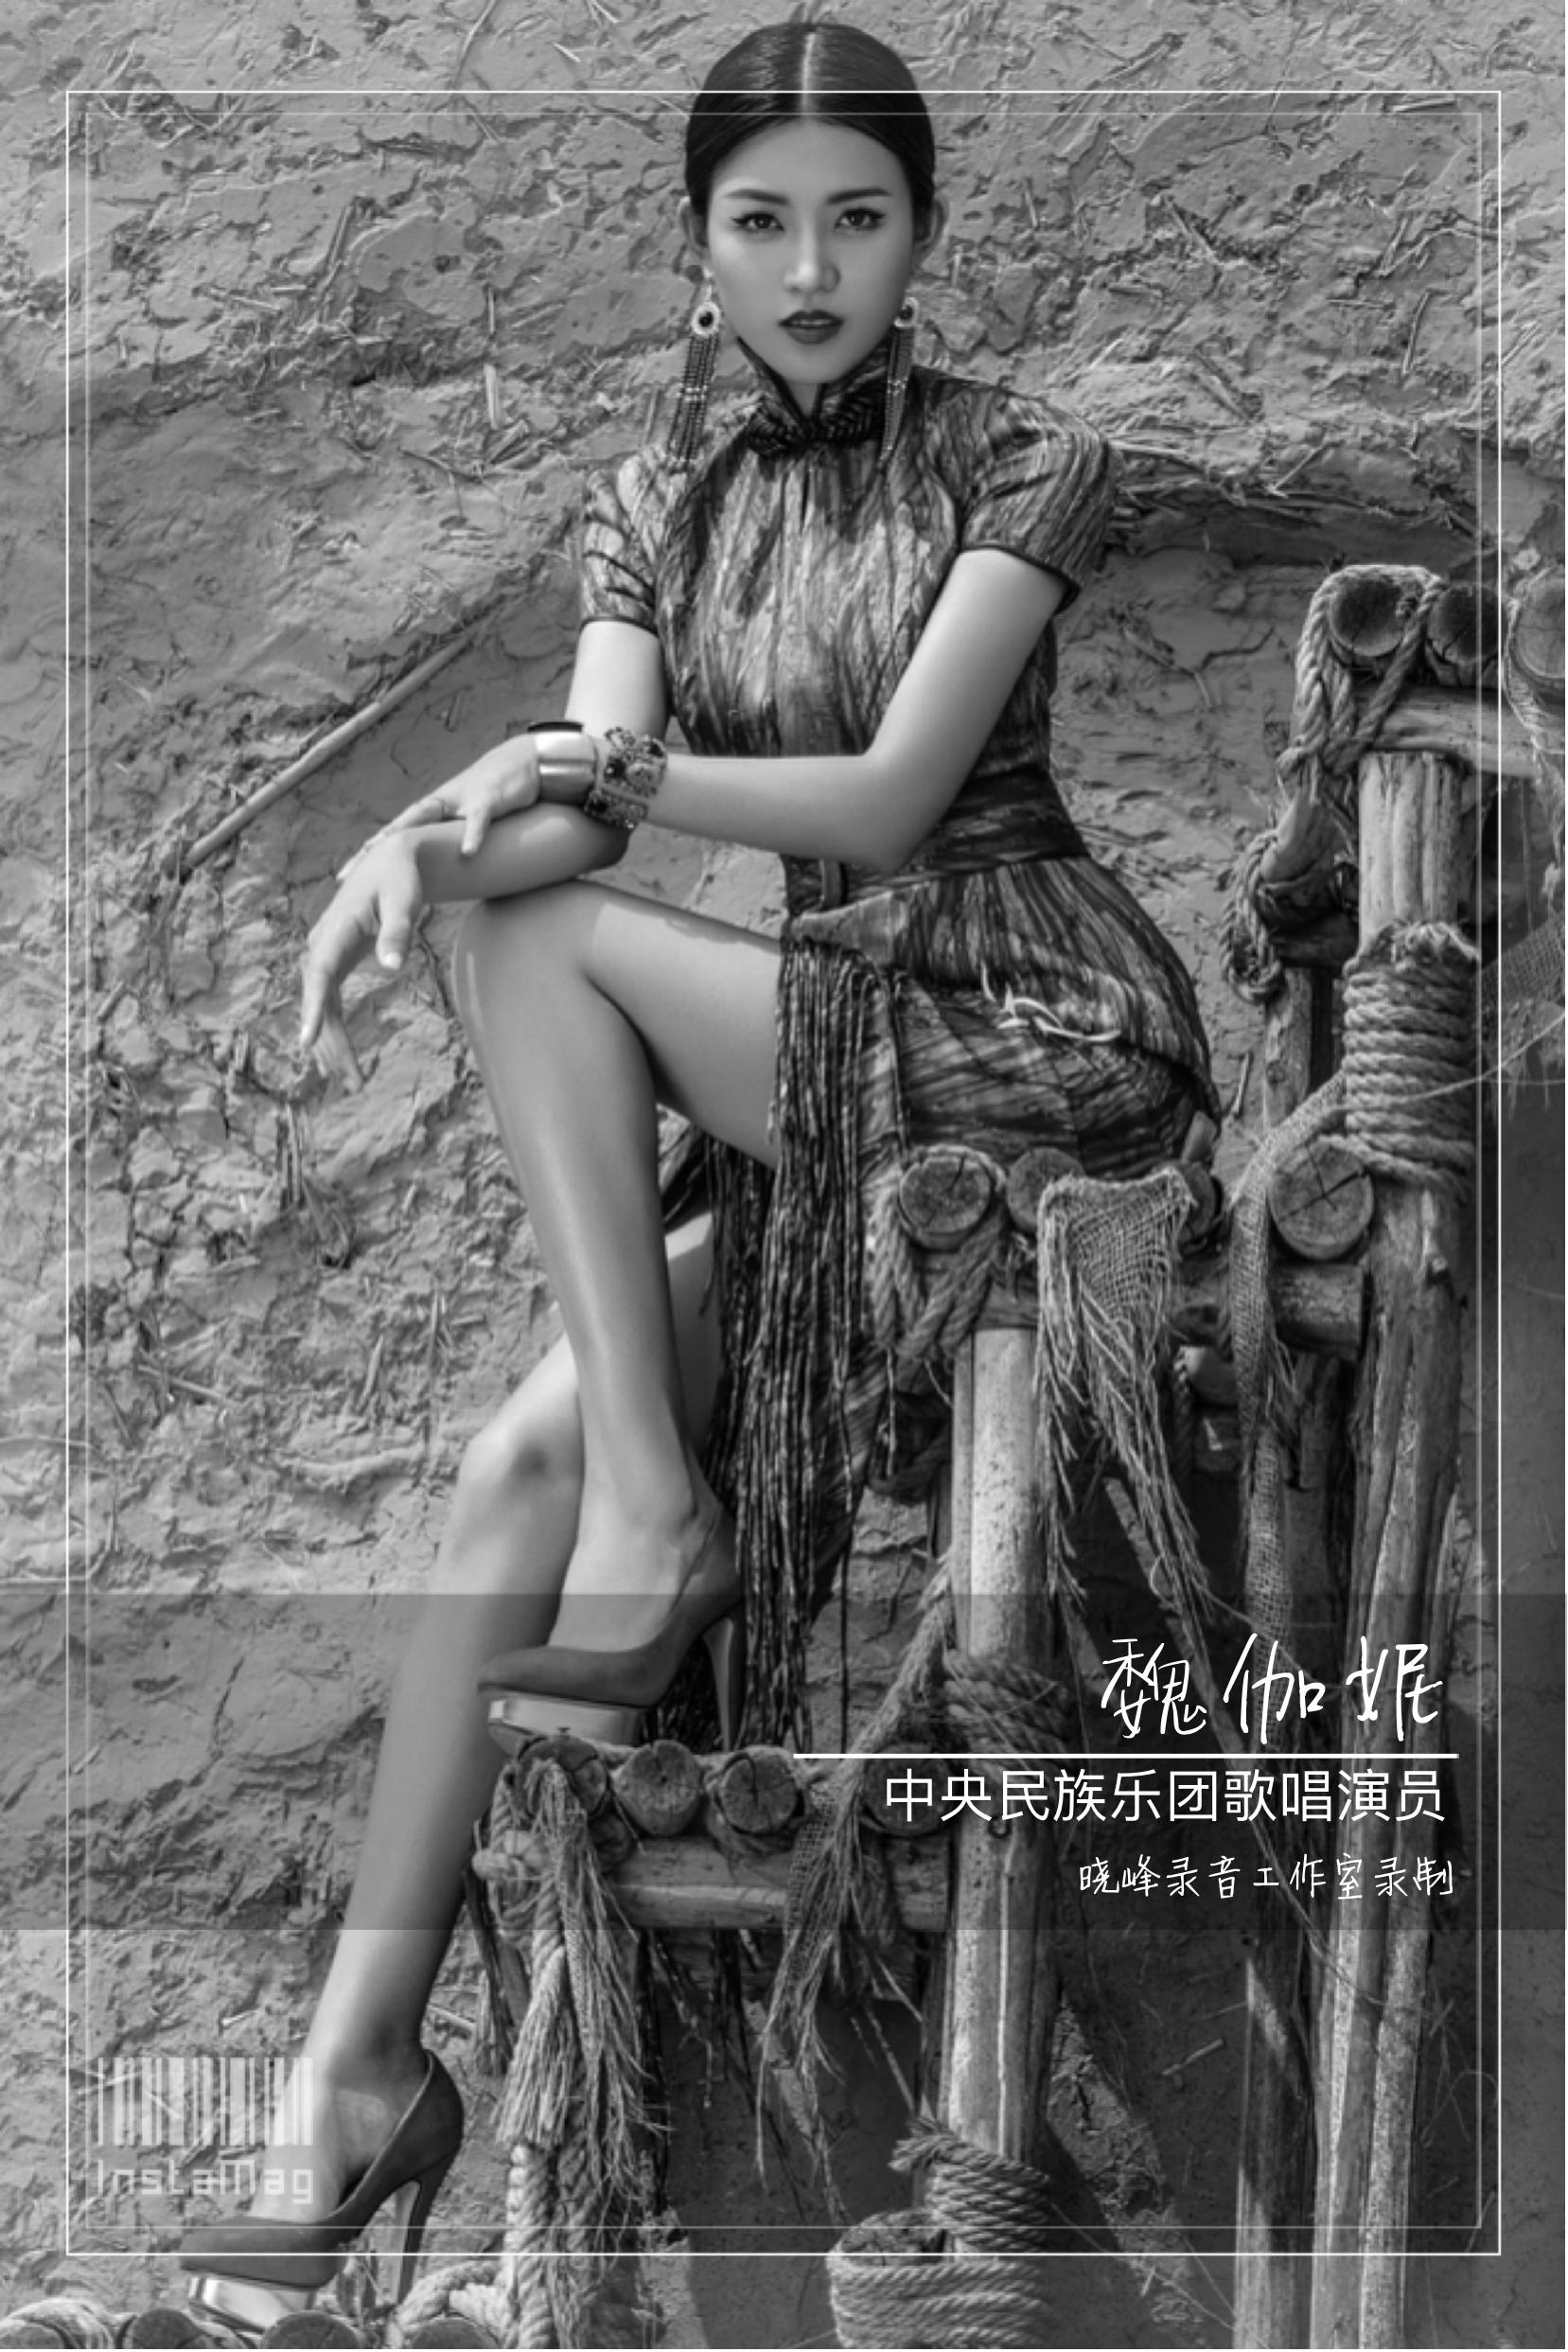 《加林赛部落》 (魏伽妮演唱)